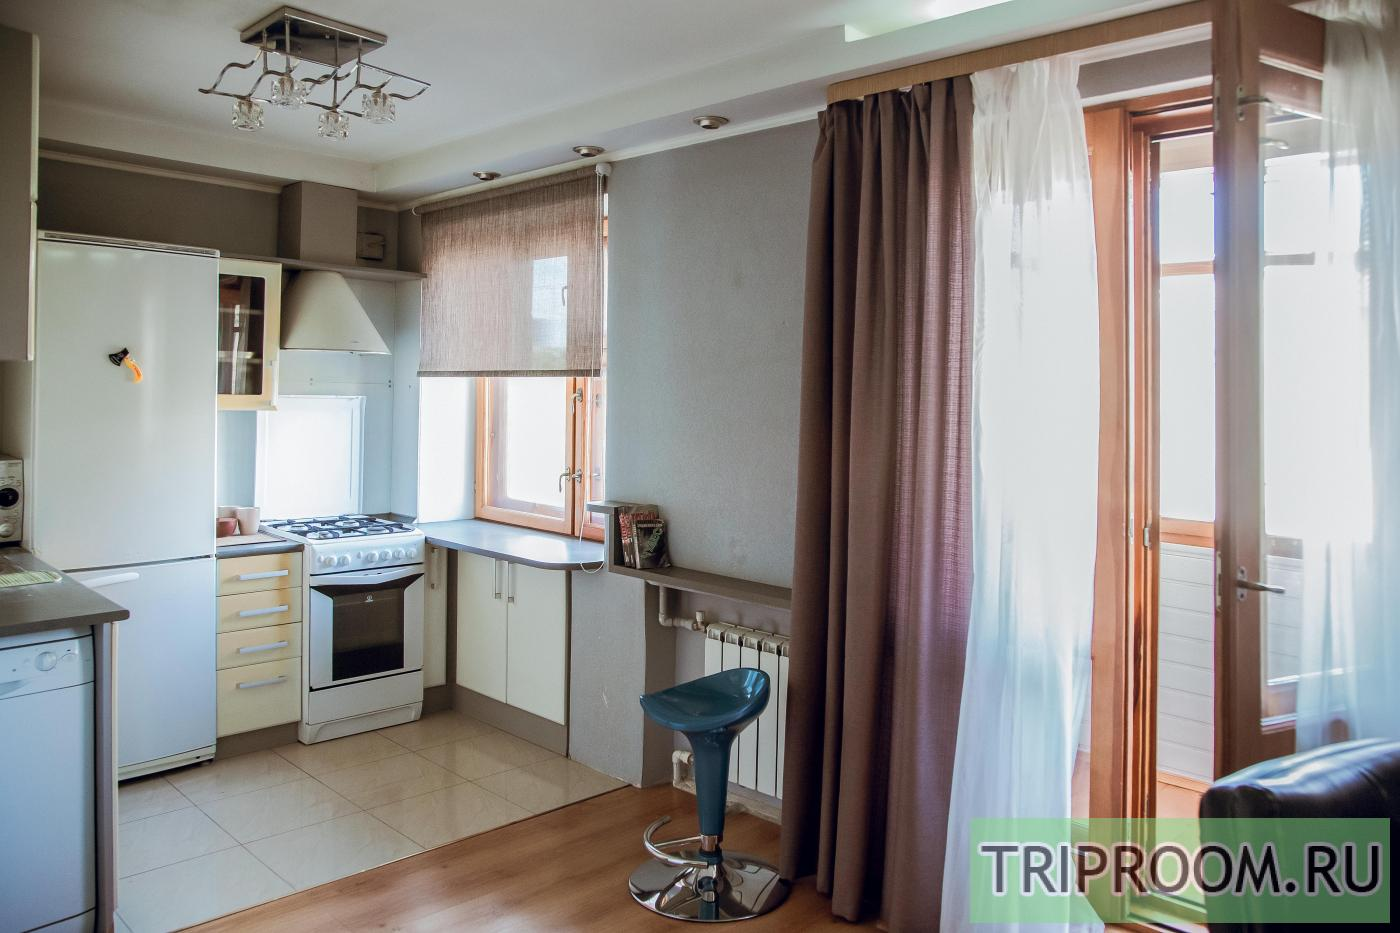 2-комнатная квартира посуточно (вариант № 10786), ул. Станкевича улица, фото № 9